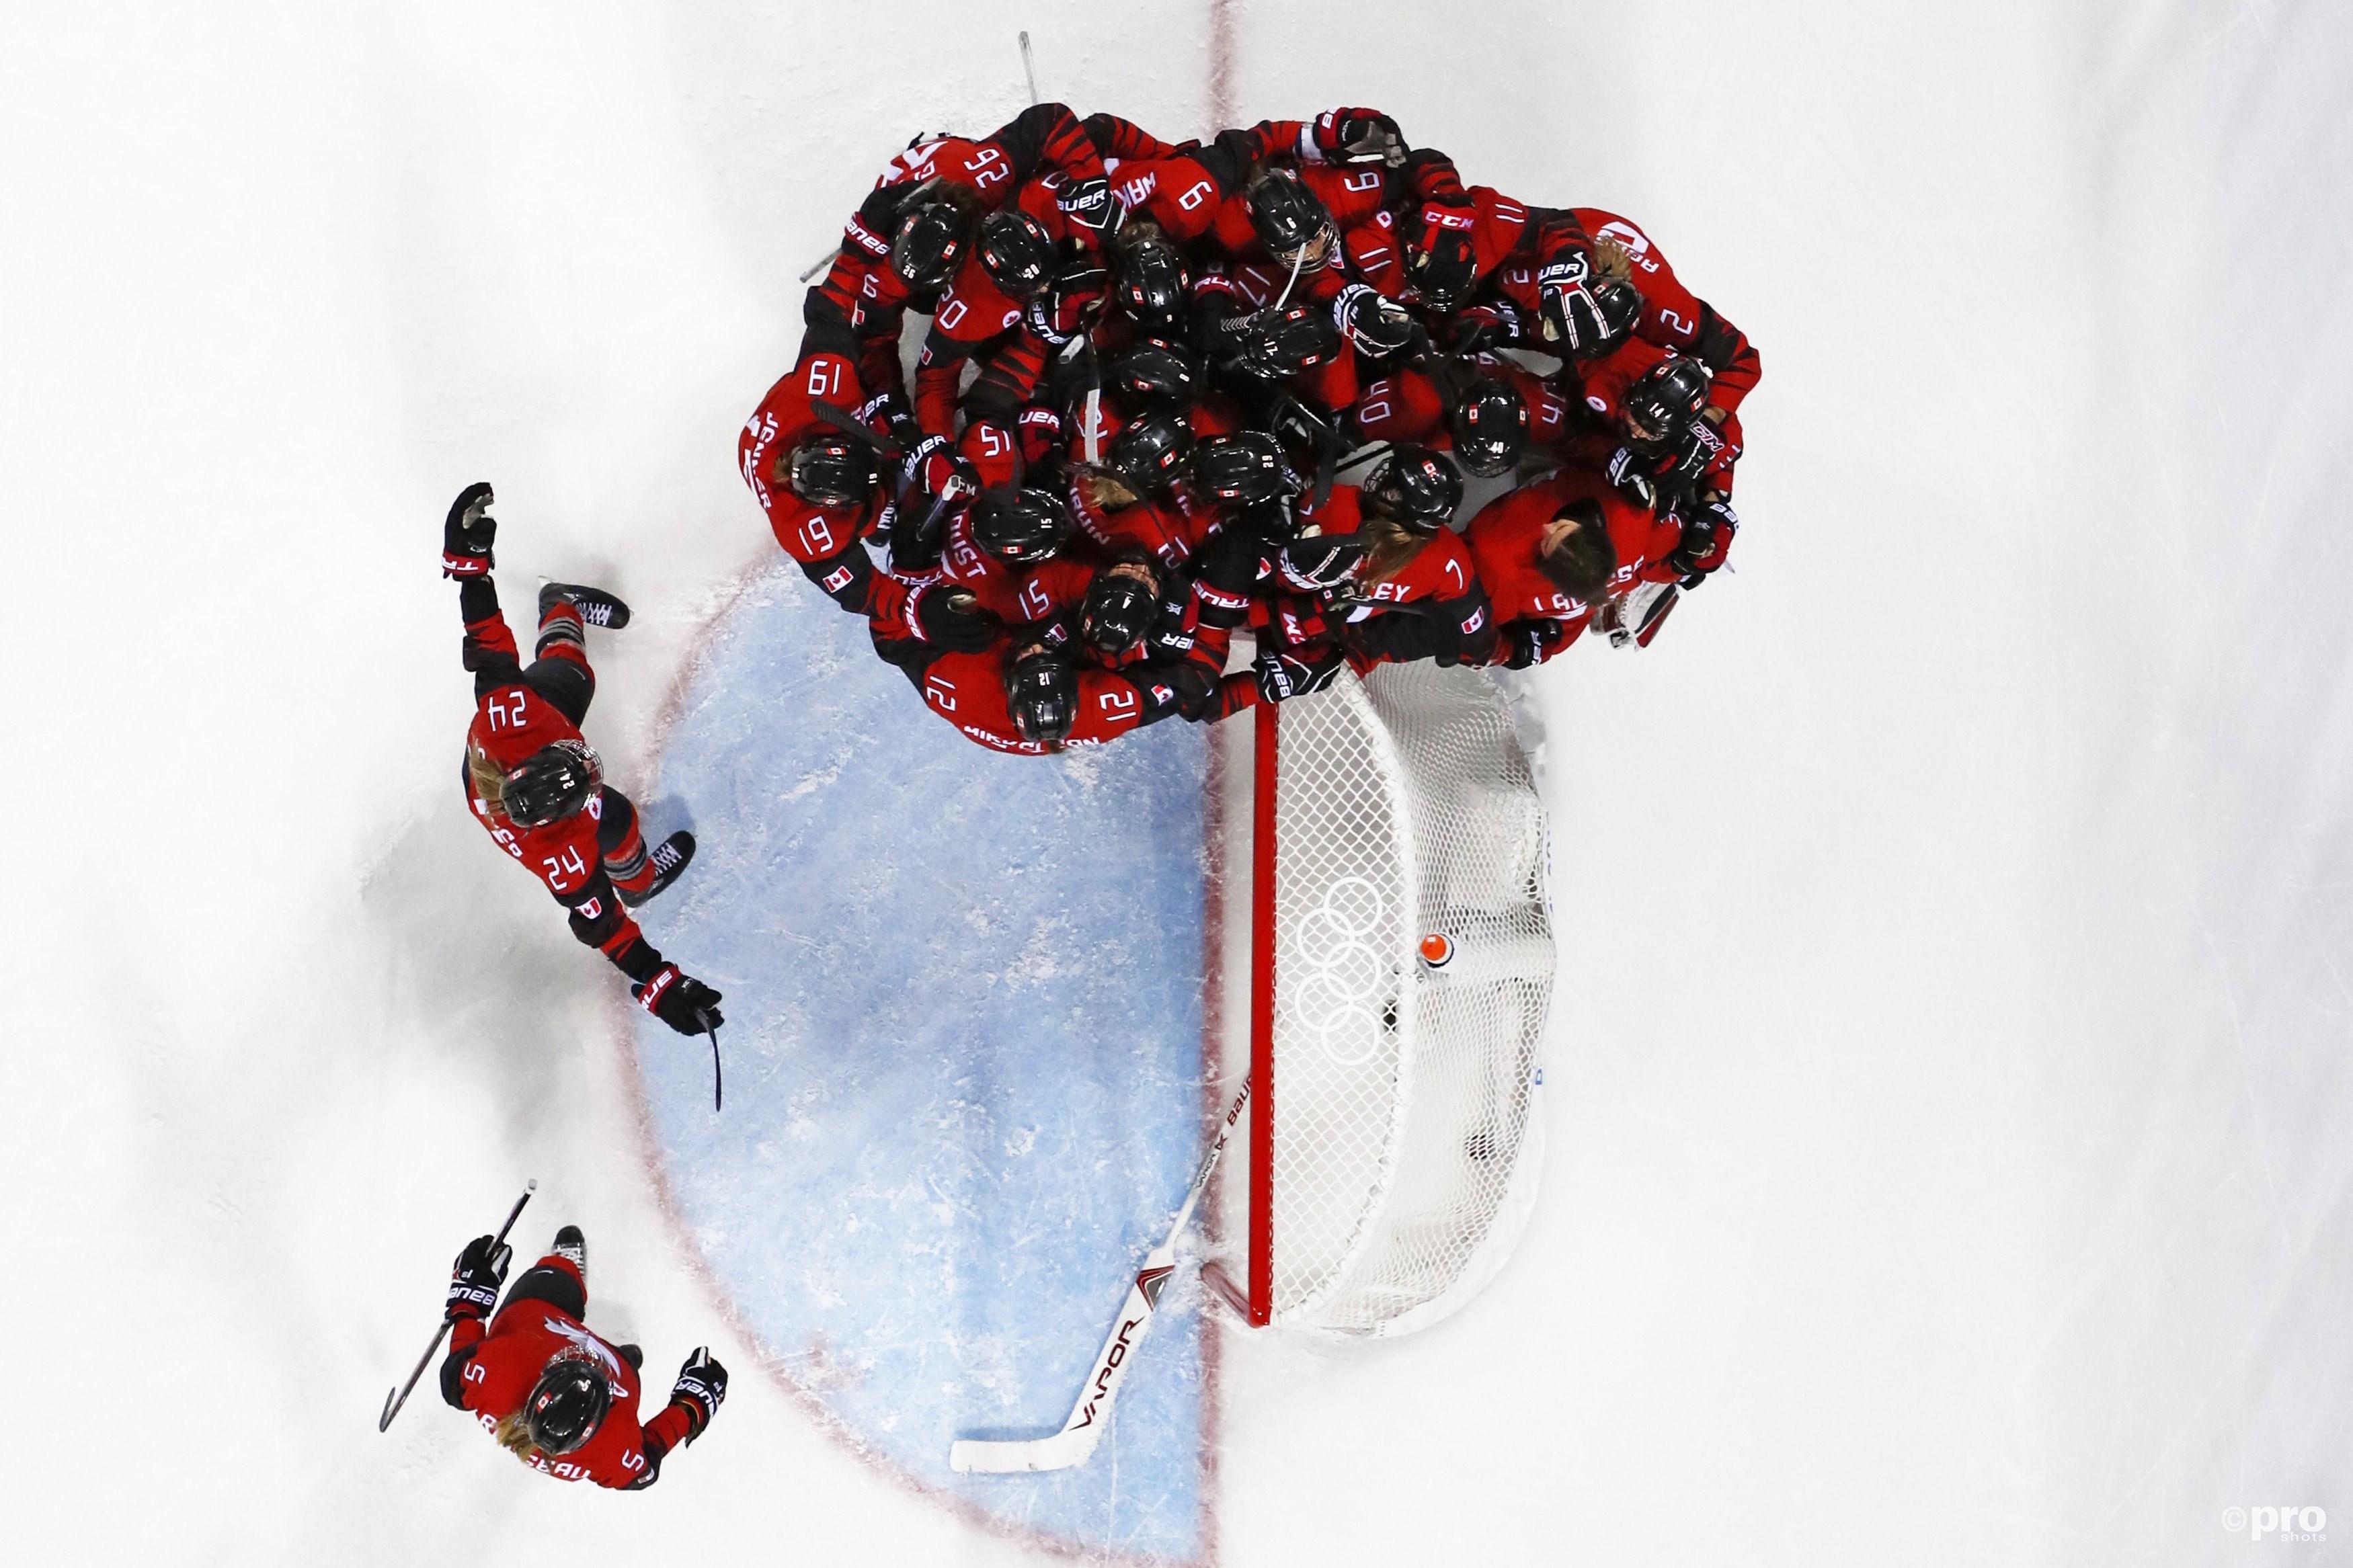 Goalie Lacasse wordt belaagd door haar Canadese ploeggenotes (Pro Shots/Action Images)